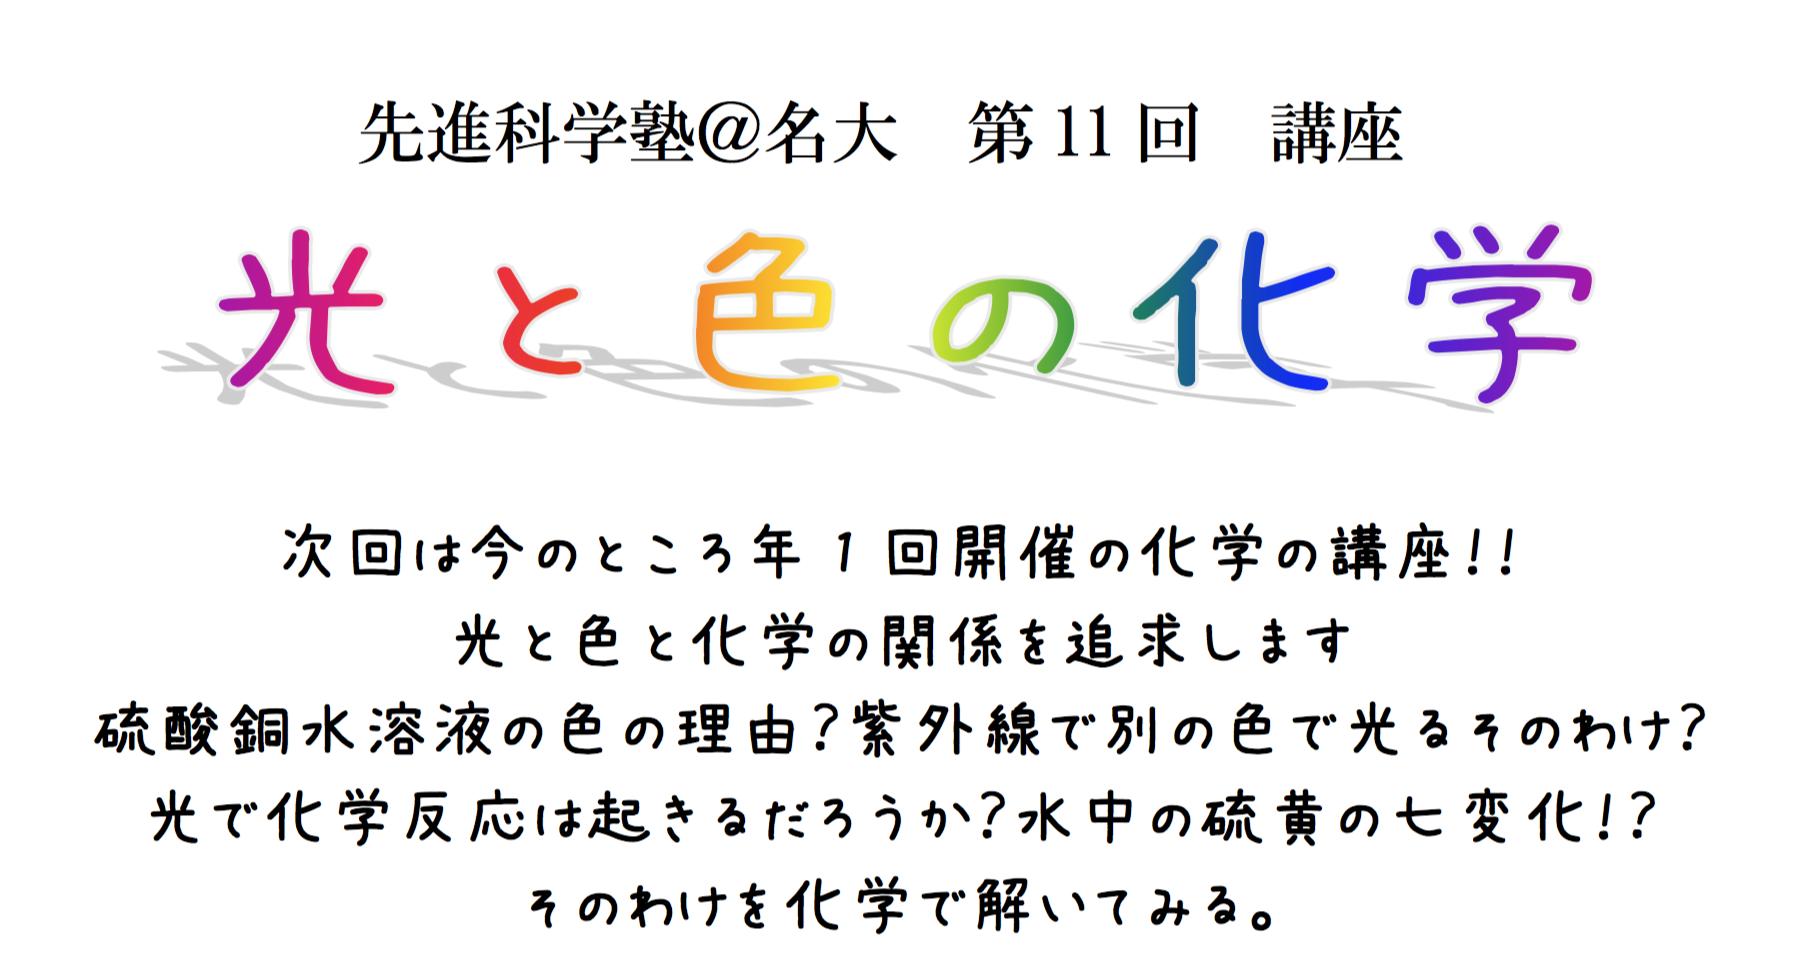 スクリーンショット 2015-07-21 6.54.42